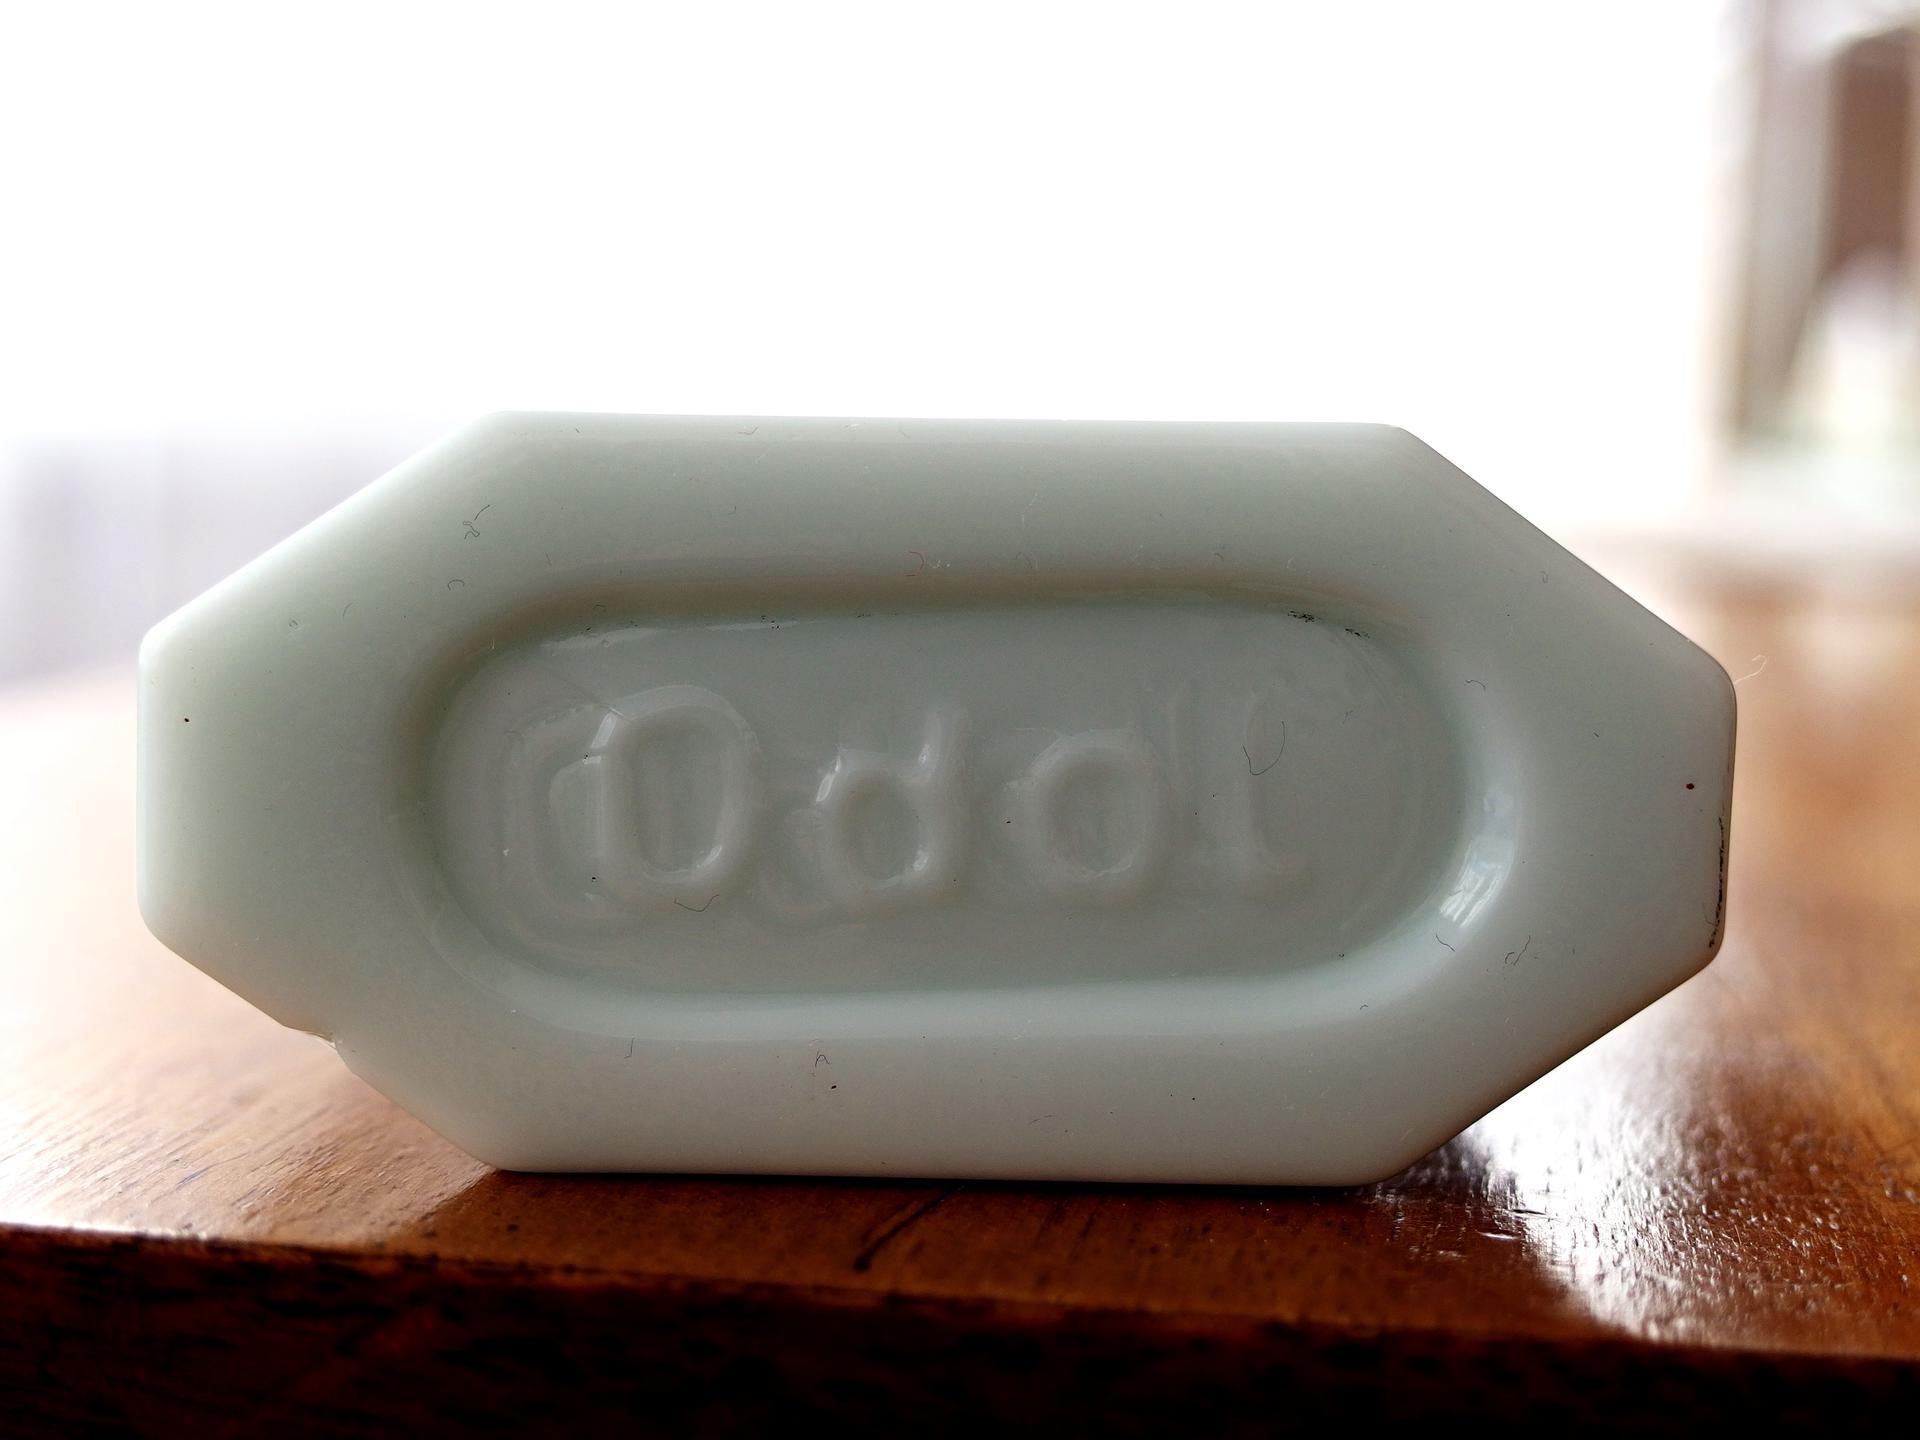 """""""archeologický nález"""" - při výkopových pracích nalezena nádobka z bílého skla či porcelánu, nevíte někdo, co to je, k čemu to je? děkuji - Obrázek č. 3"""